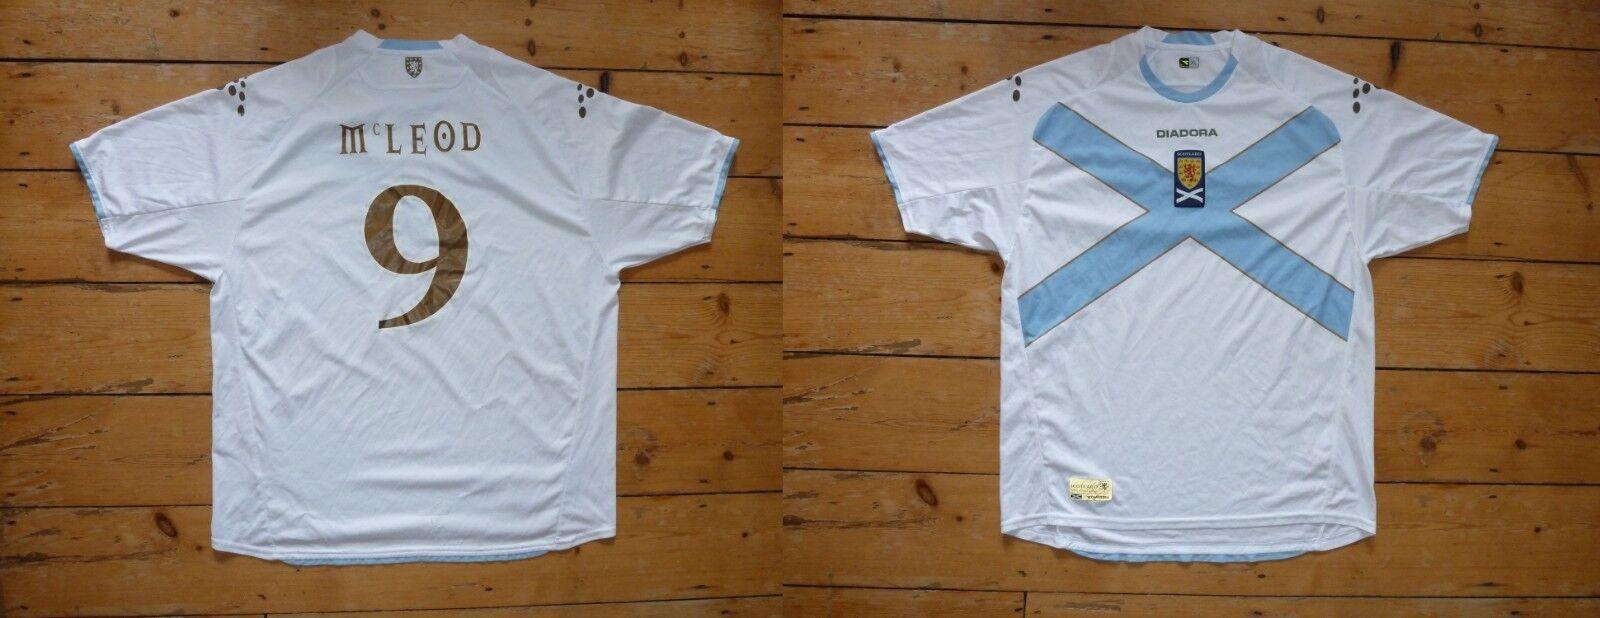 XXXL    Mcleod 15.2cm Scozia Calcio Camicia Scozzese Saltaire Maglia 2008  bajo precio del 40%